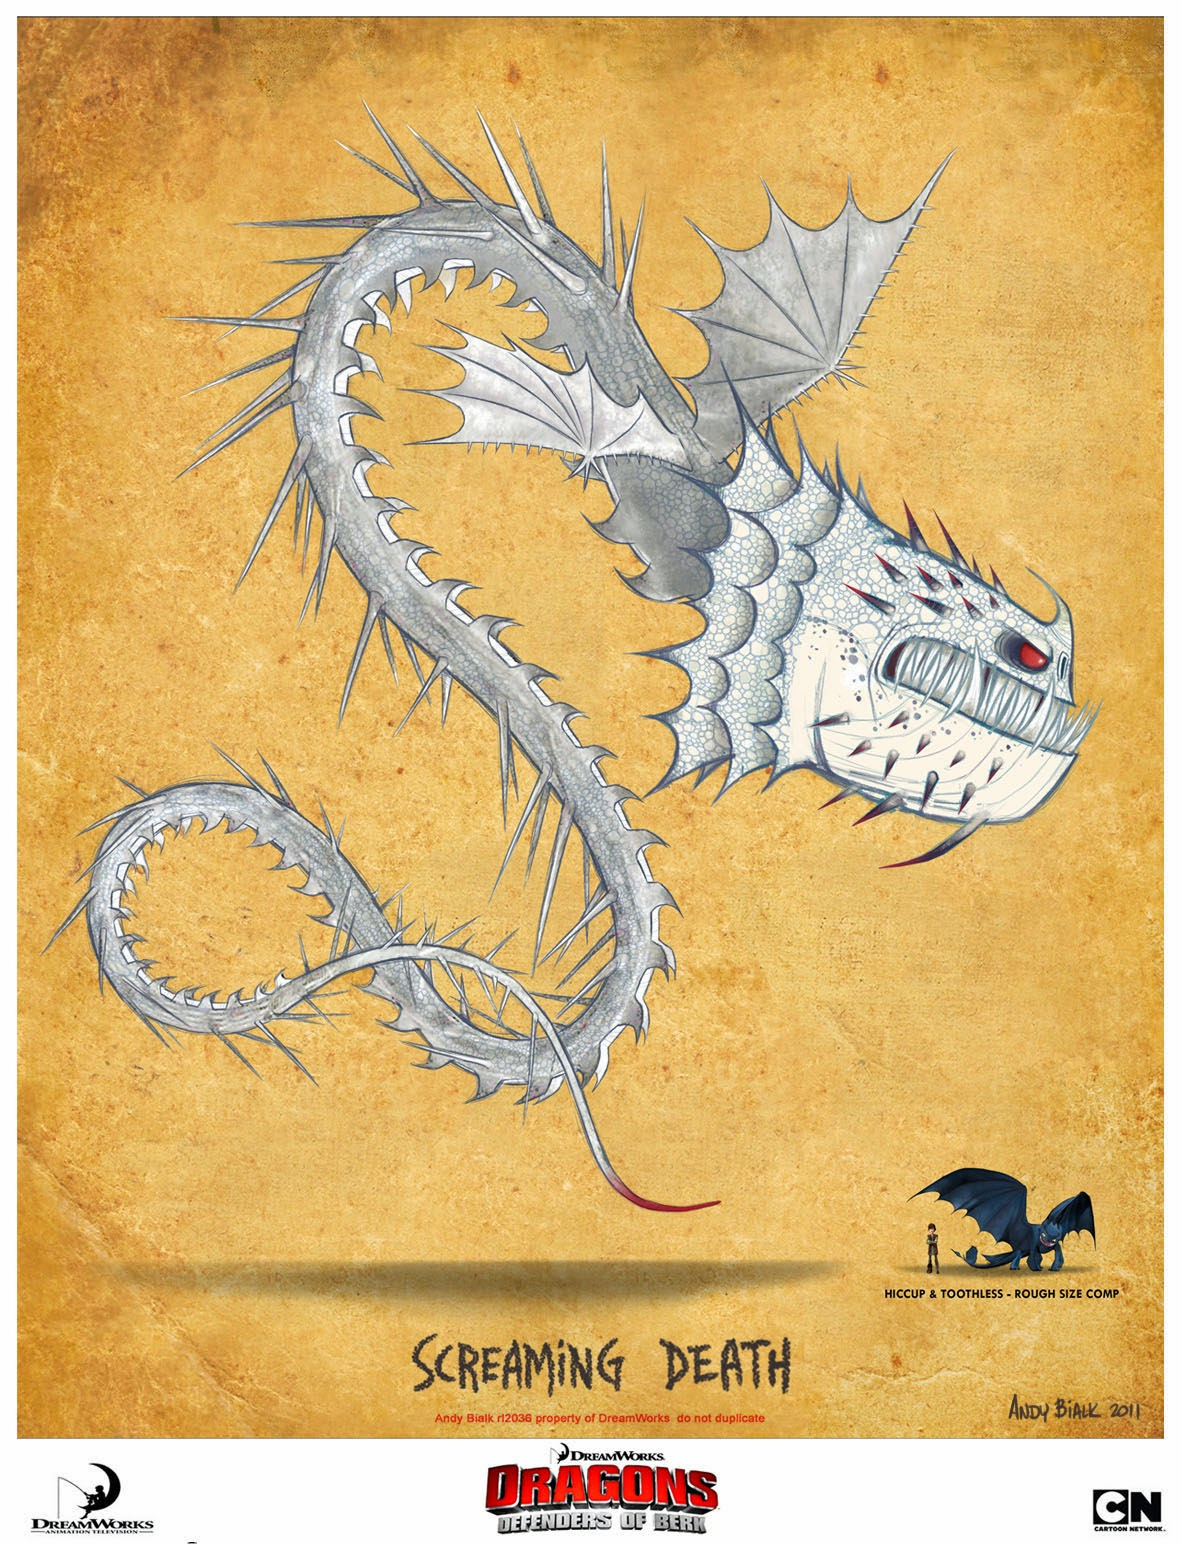 andy bialk screaming death dreamworks dragons defenders of berk